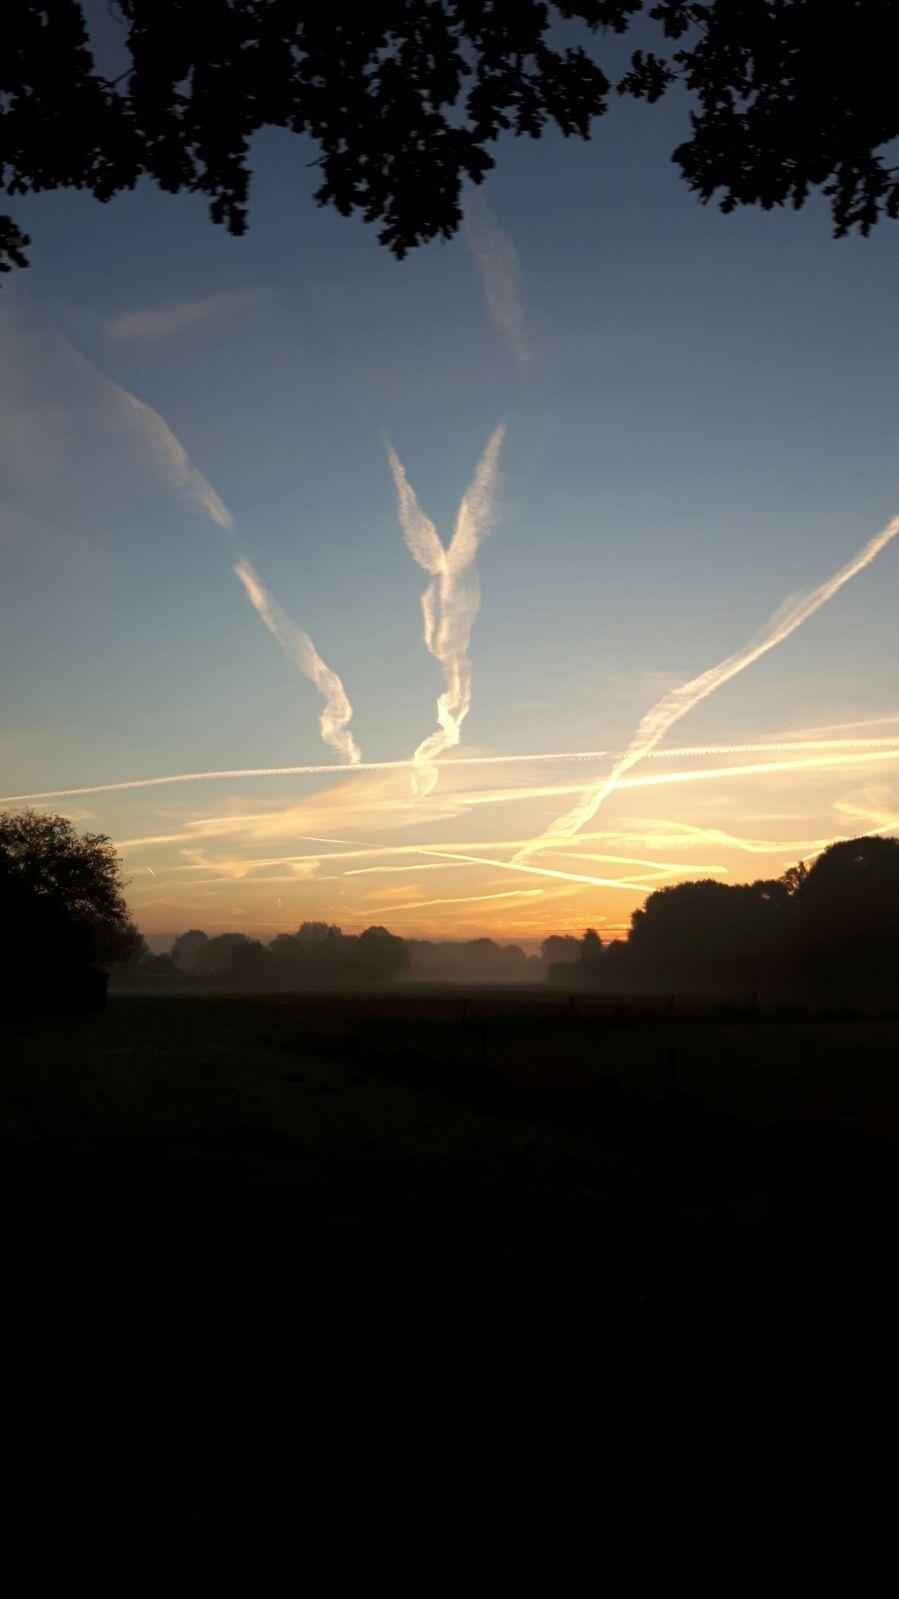 Mist(archief)foto in de buurt van Varsseveld